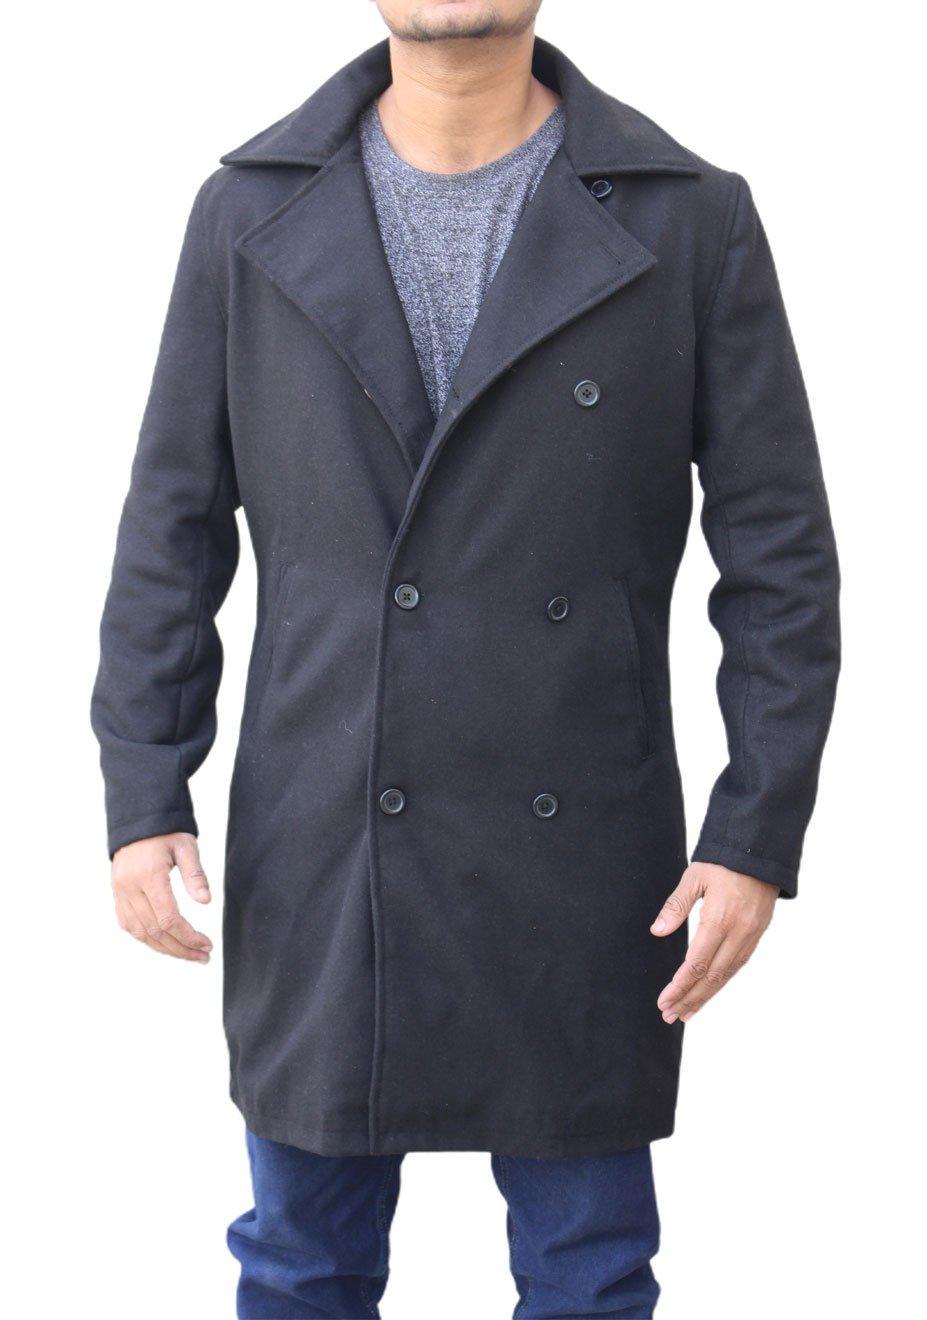 Ian-Bohen-Yellowstone-Ryan-Wool-Pea-Coat